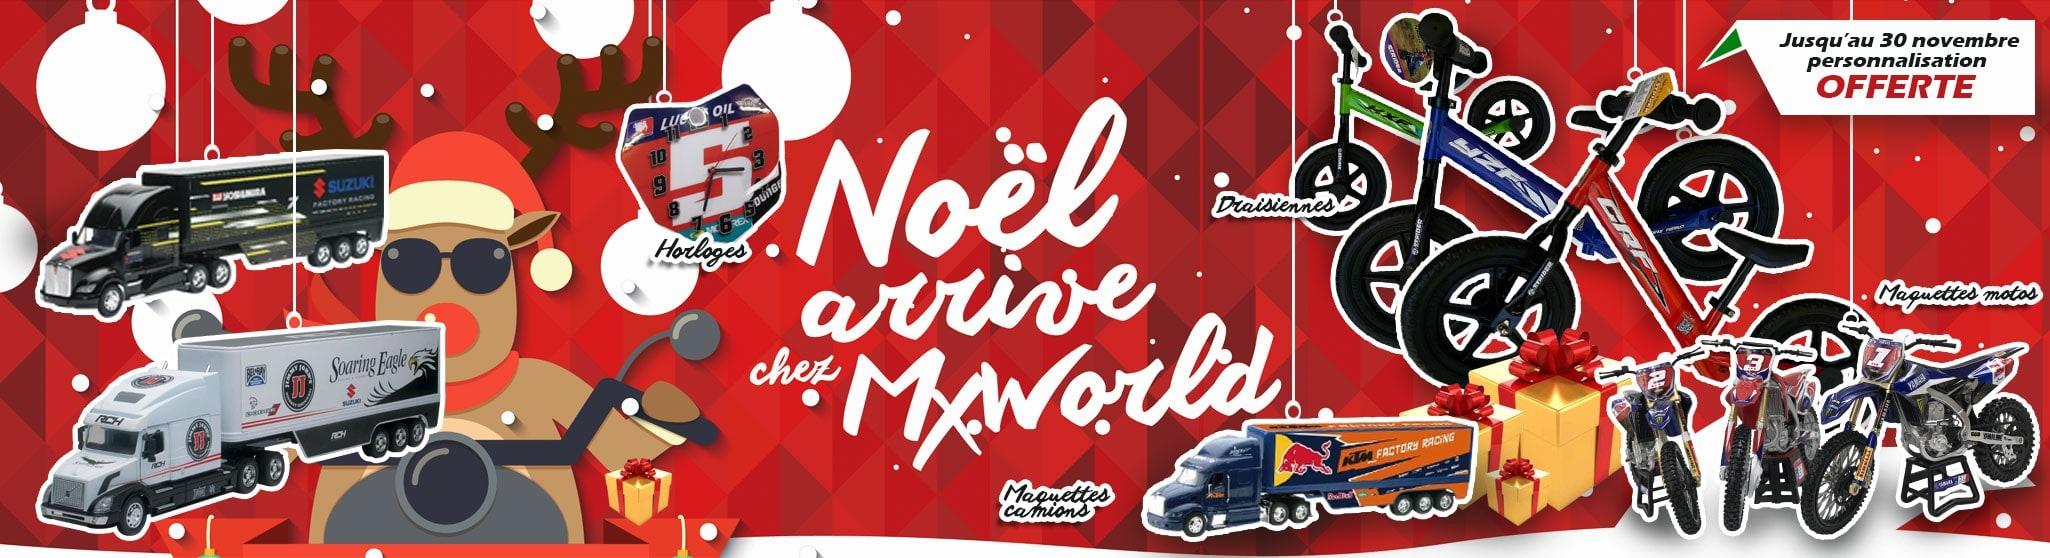 Noël Arrive !!!